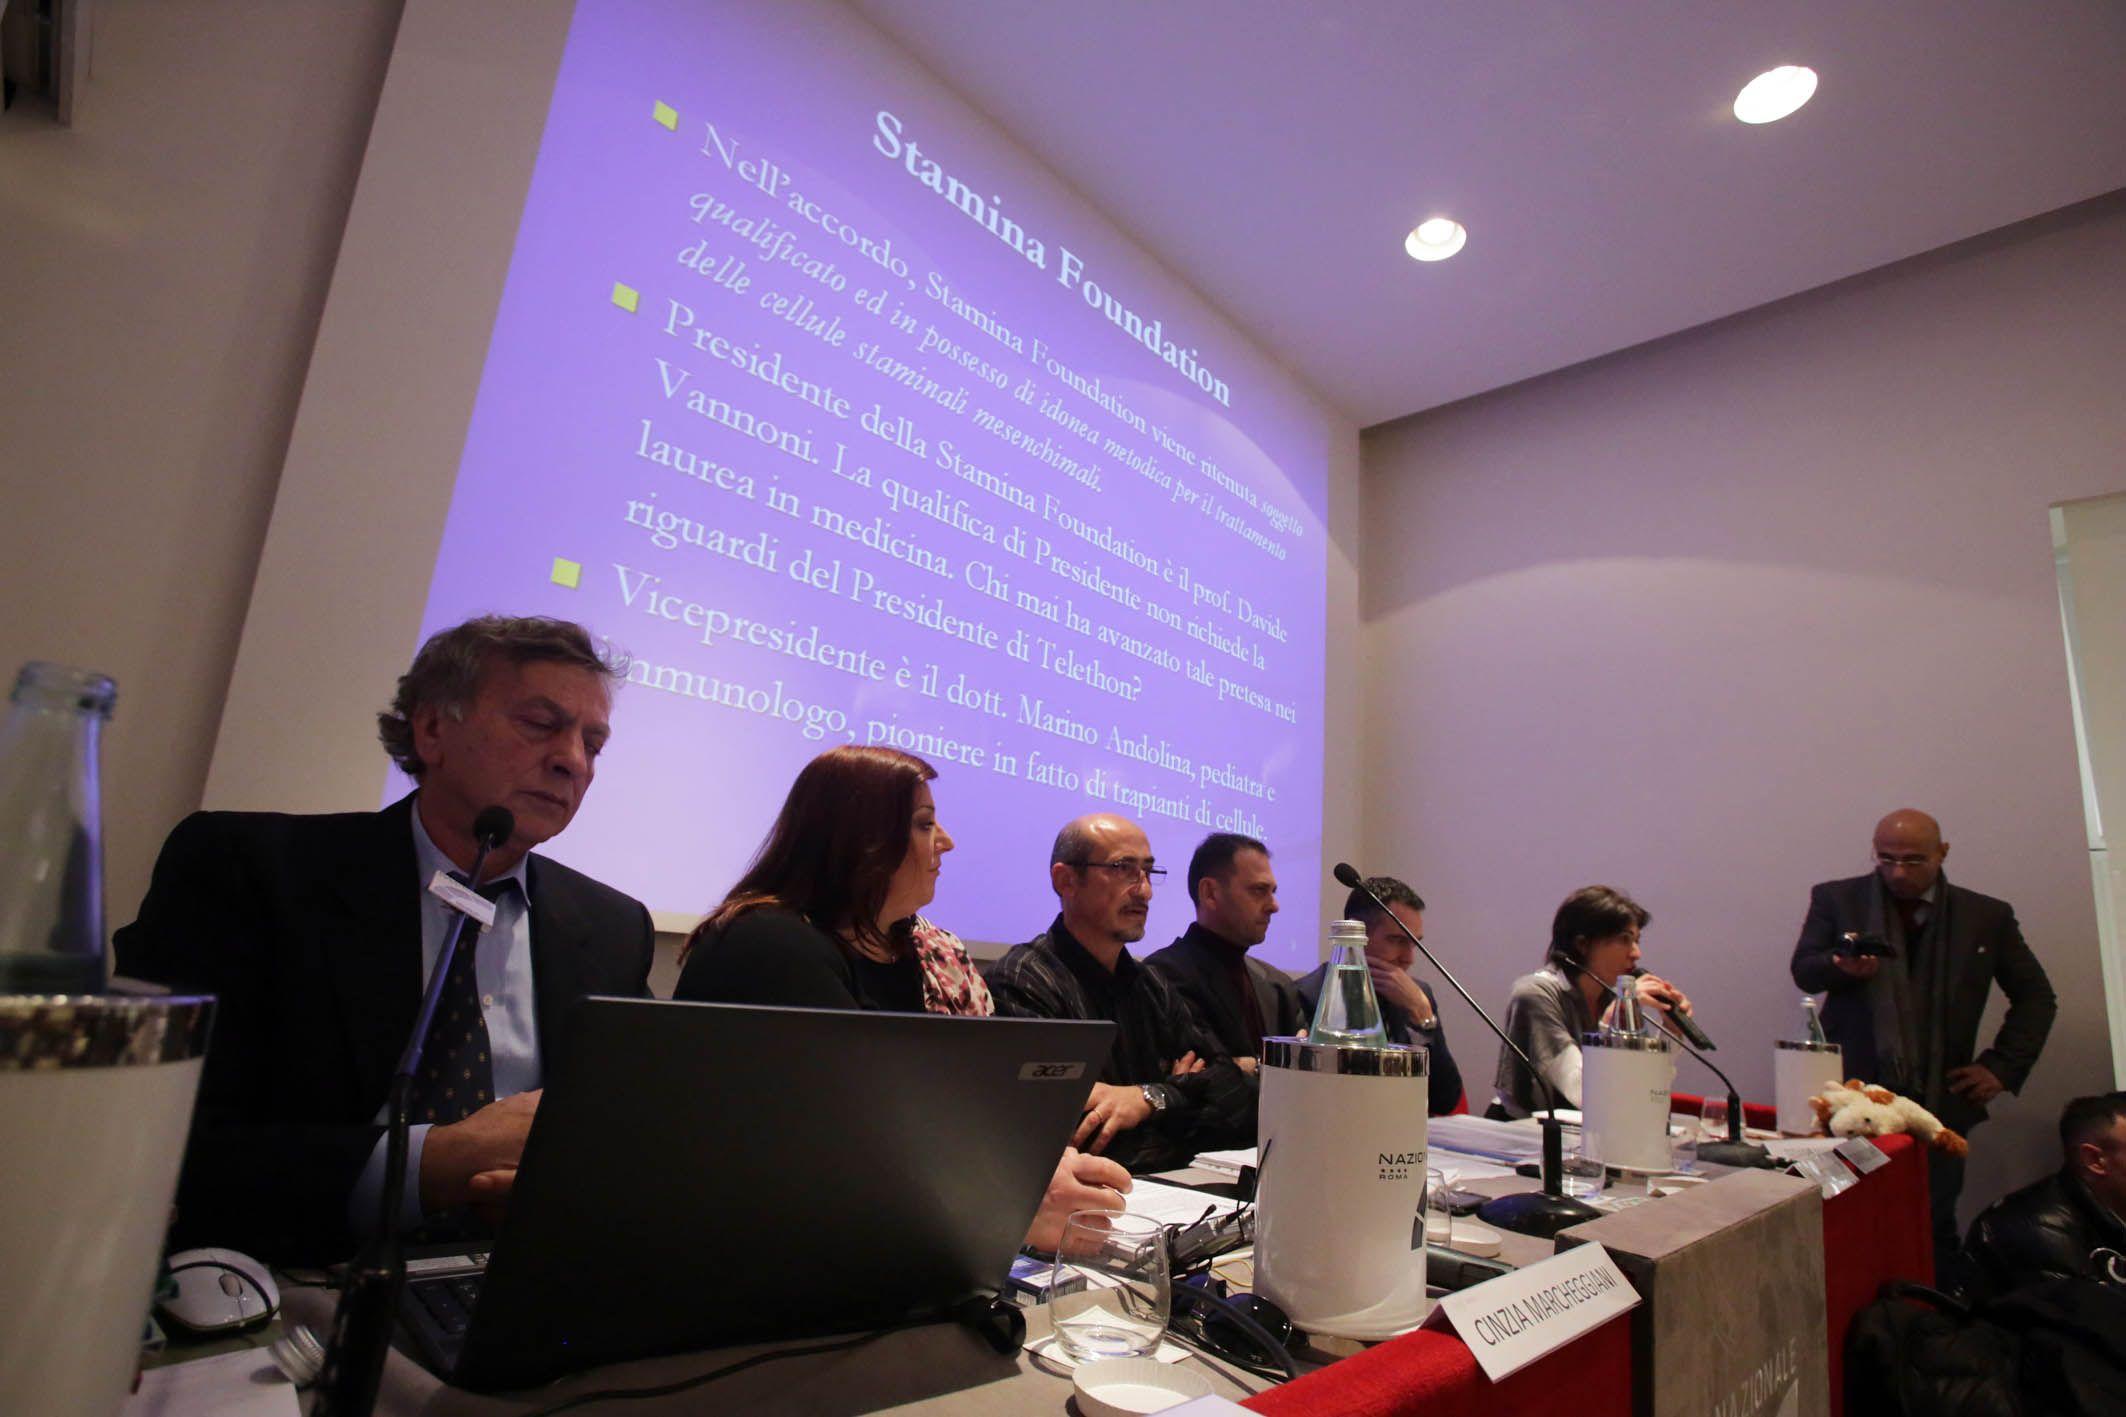 La conferenza stampa dei familiari dei pazienti curati con il metodo Stamina